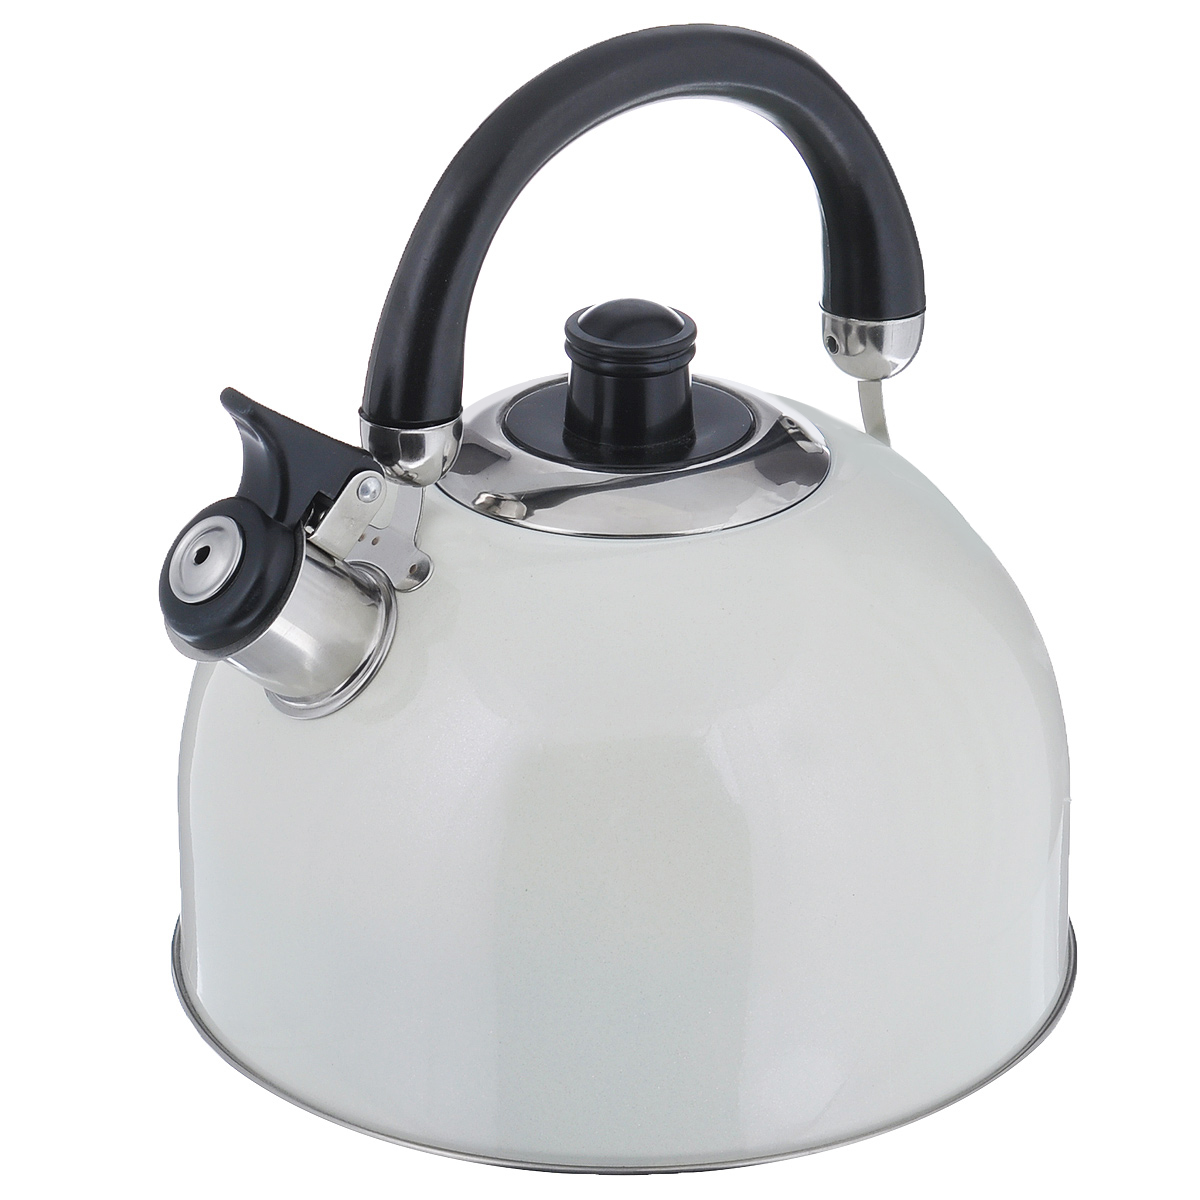 Чайник Mayer & Boch Modern со свистком, цвет: молочный, 2,7 л. 23595-254 009312Чайник Mayer & Boch Modern выполнен из высококачественной нержавеющей стали, что обеспечивает долговечность использования. Внешнее цветное эмалевоепокрытие придает приятный внешний вид. Подвижная ручка из бакелита делает использование чайника очень удобным и безопасным. Чайник снабжен свистком и устройством для открывания носика.Можно мыть в посудомоечной машине. Пригоден для всех видов плит, включая индукционные.Высота чайника (без учета крышки и ручки): 11,5 см.Диаметр основания: 20 см.